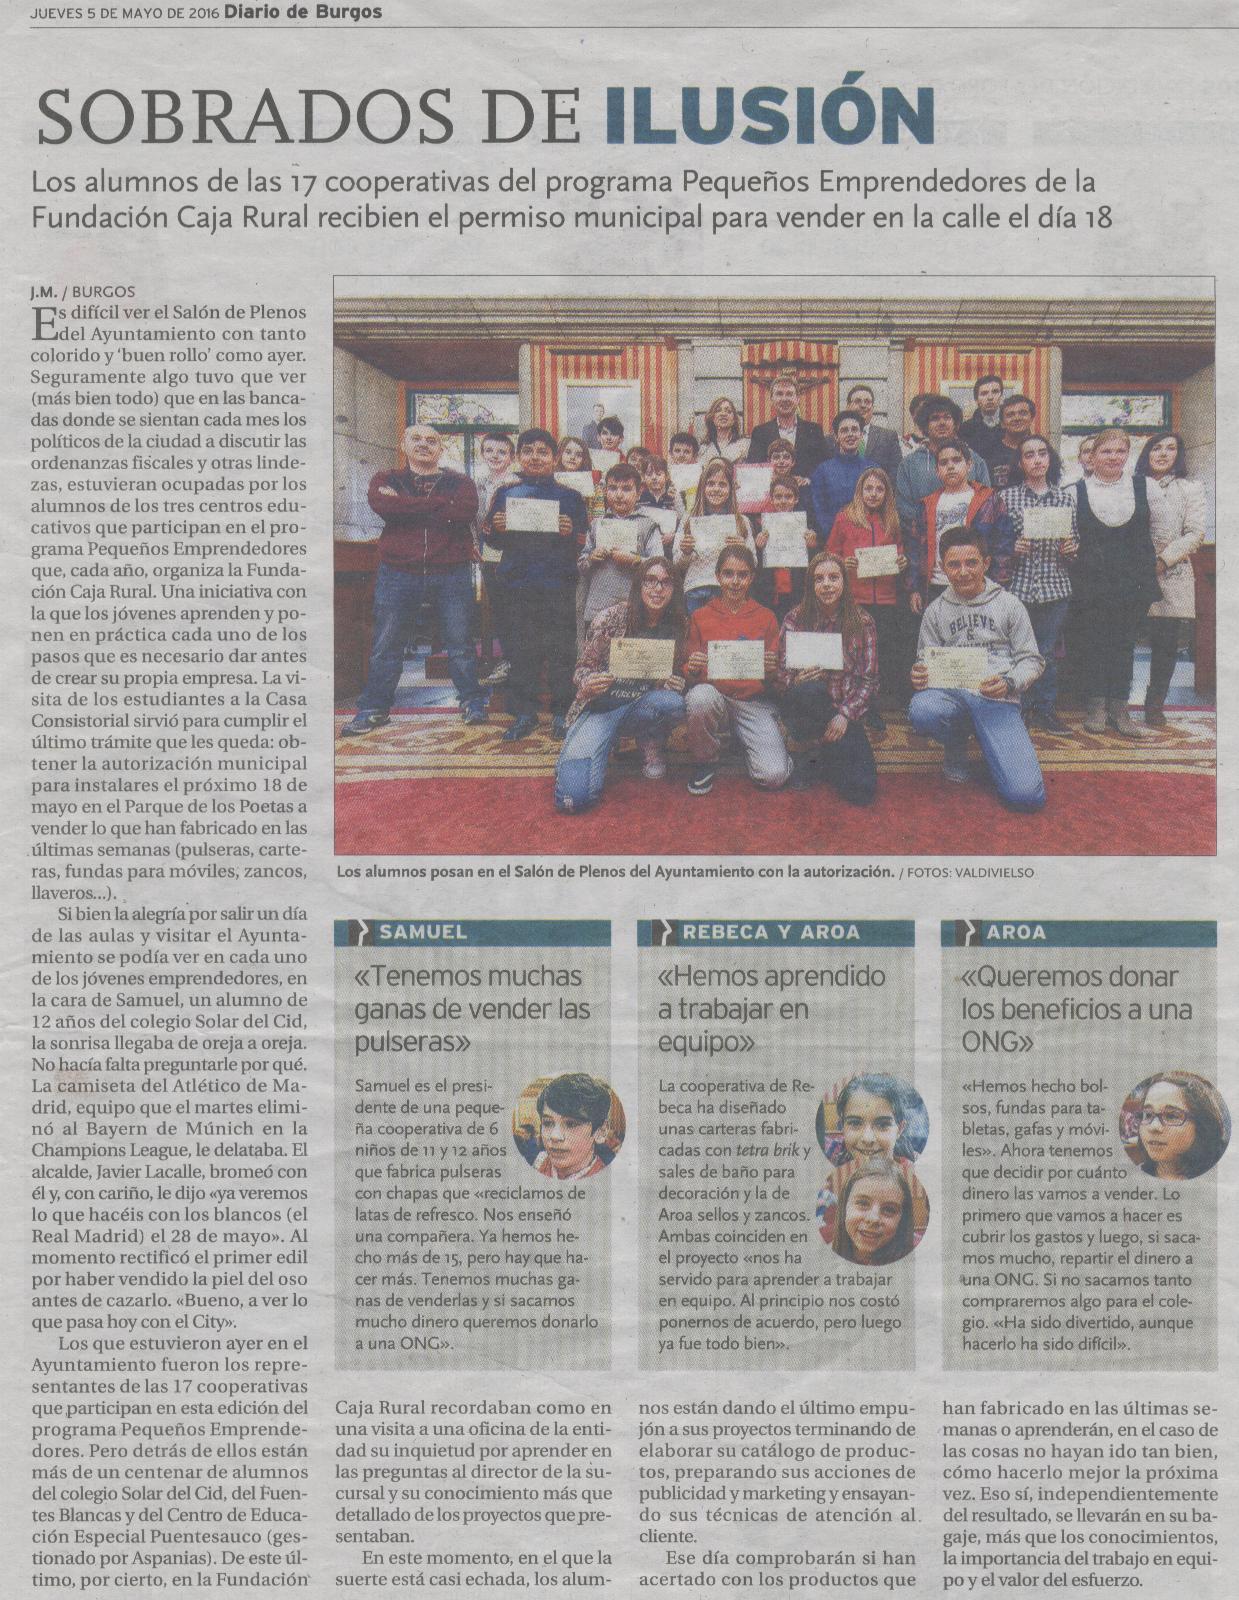 Diario de Burgos 05-05-2016